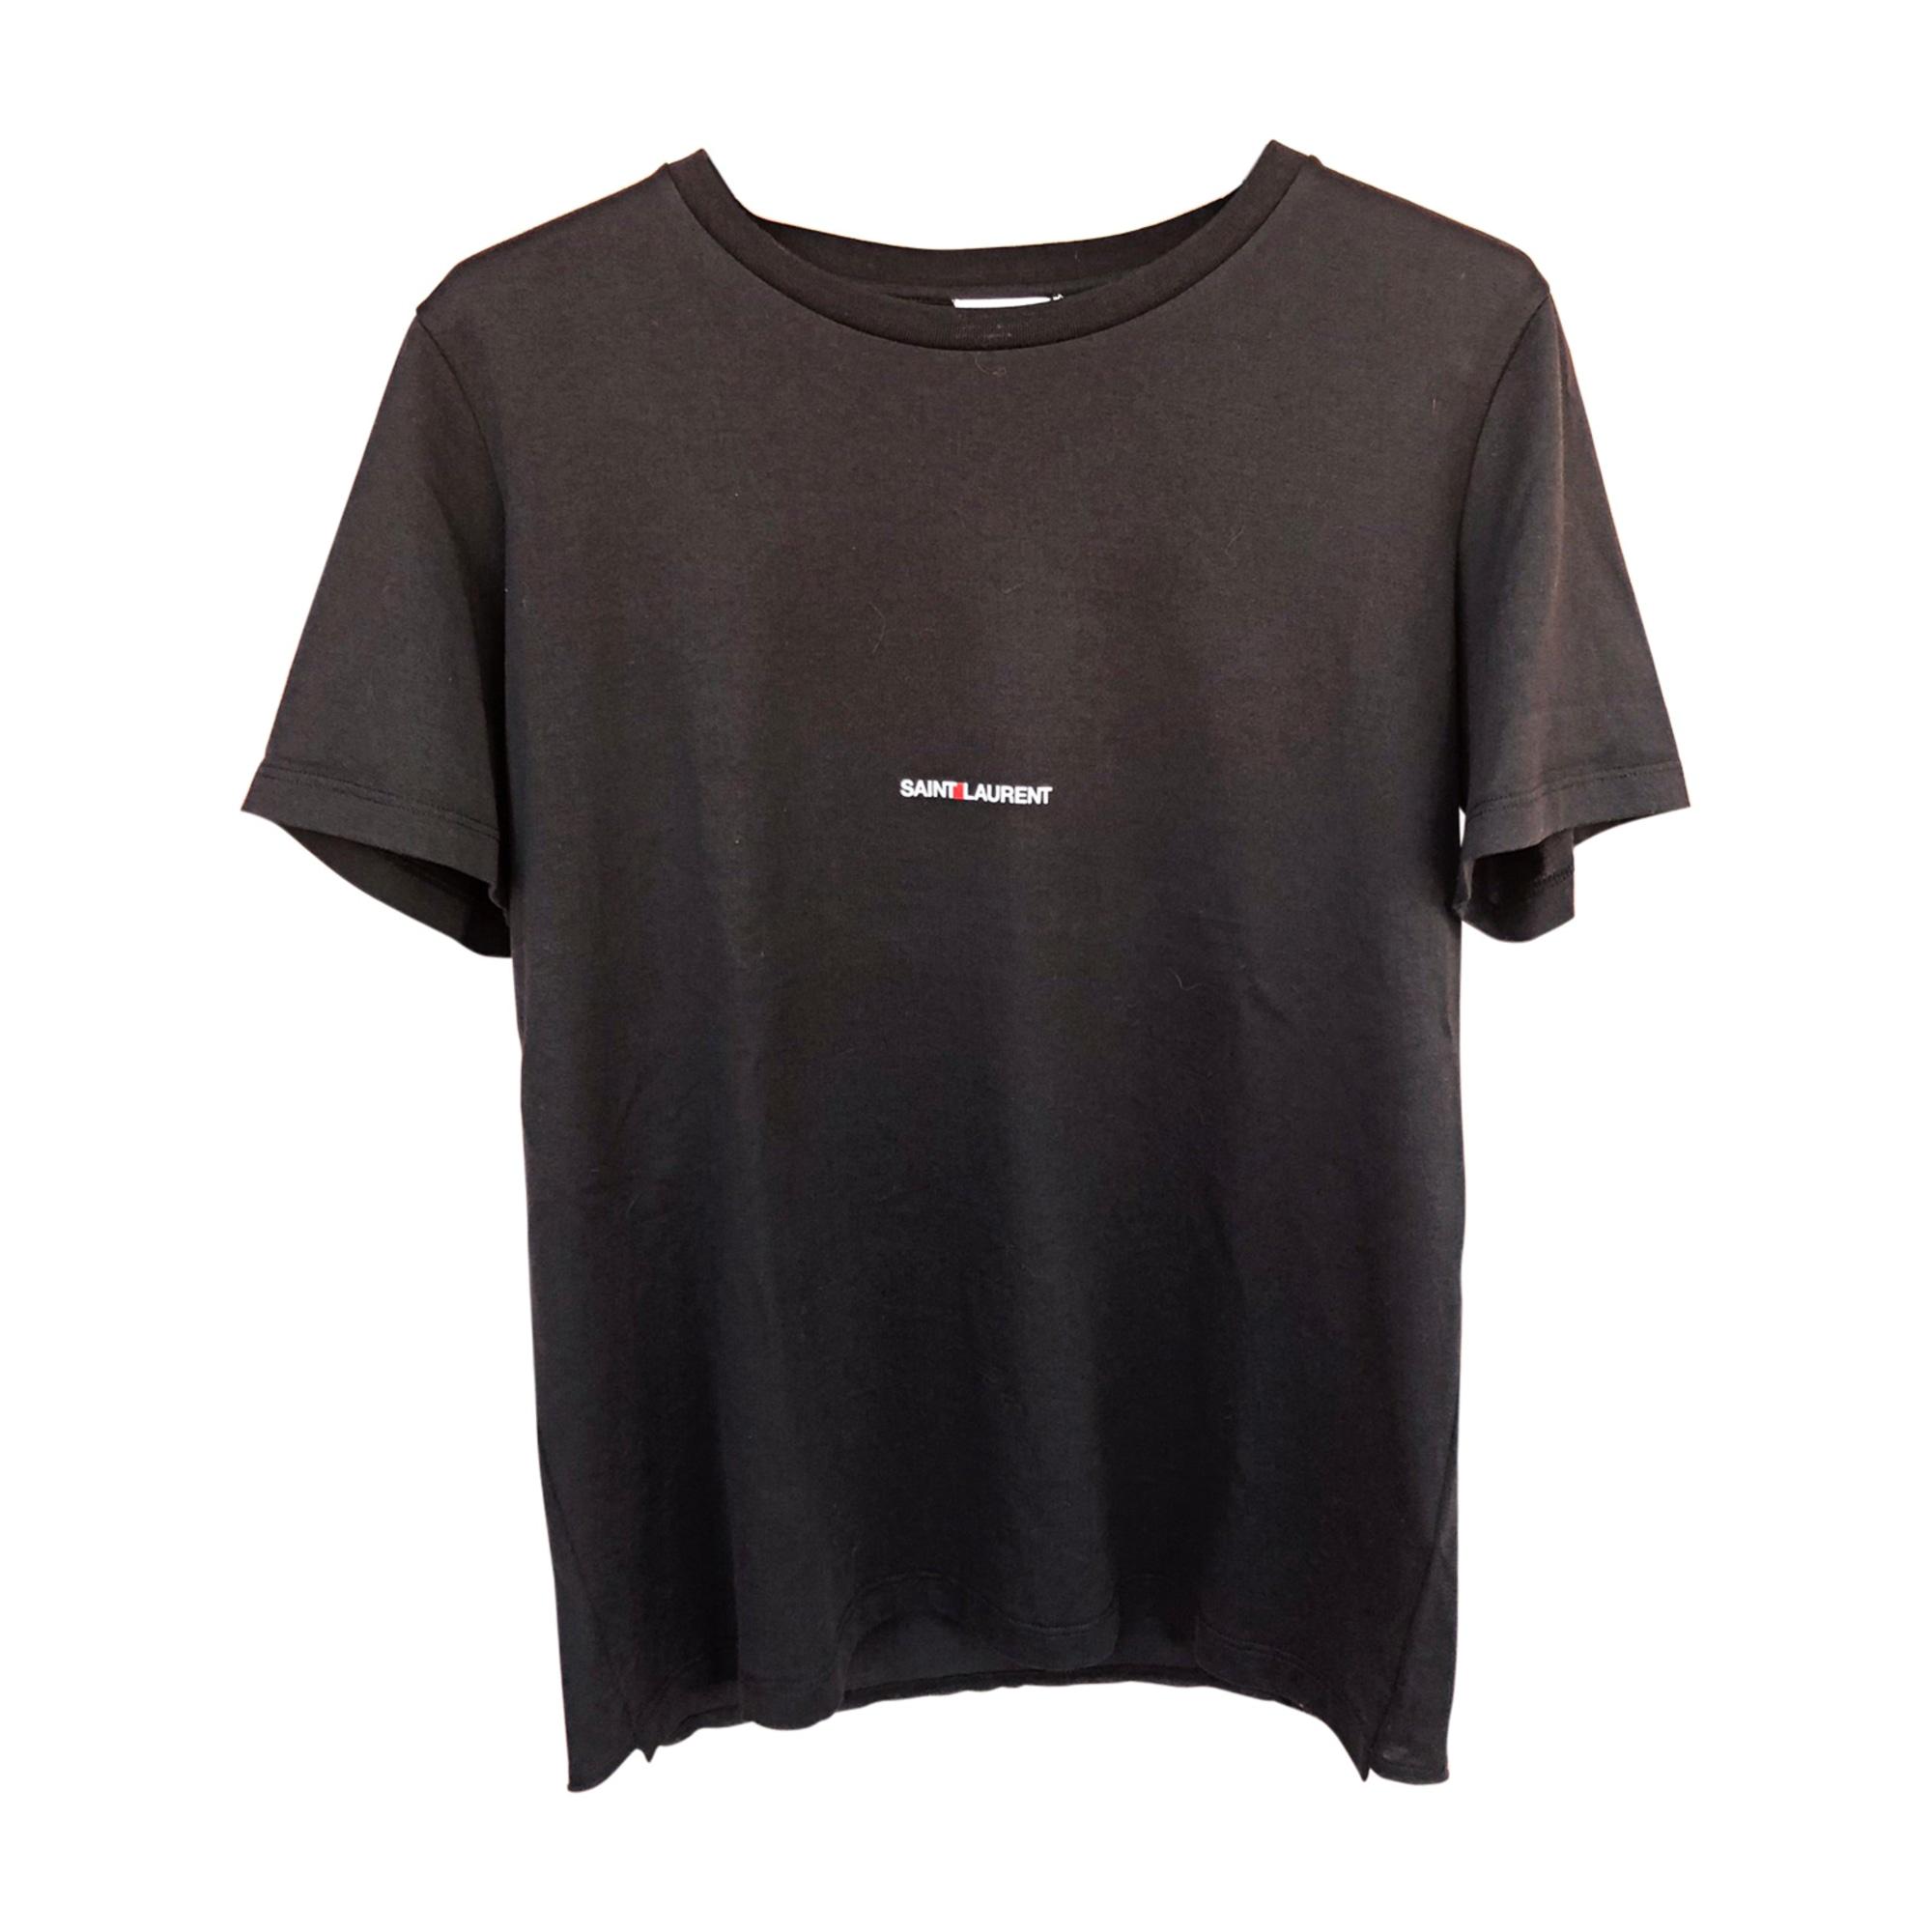 Top, T-shirt SAINT LAURENT Black